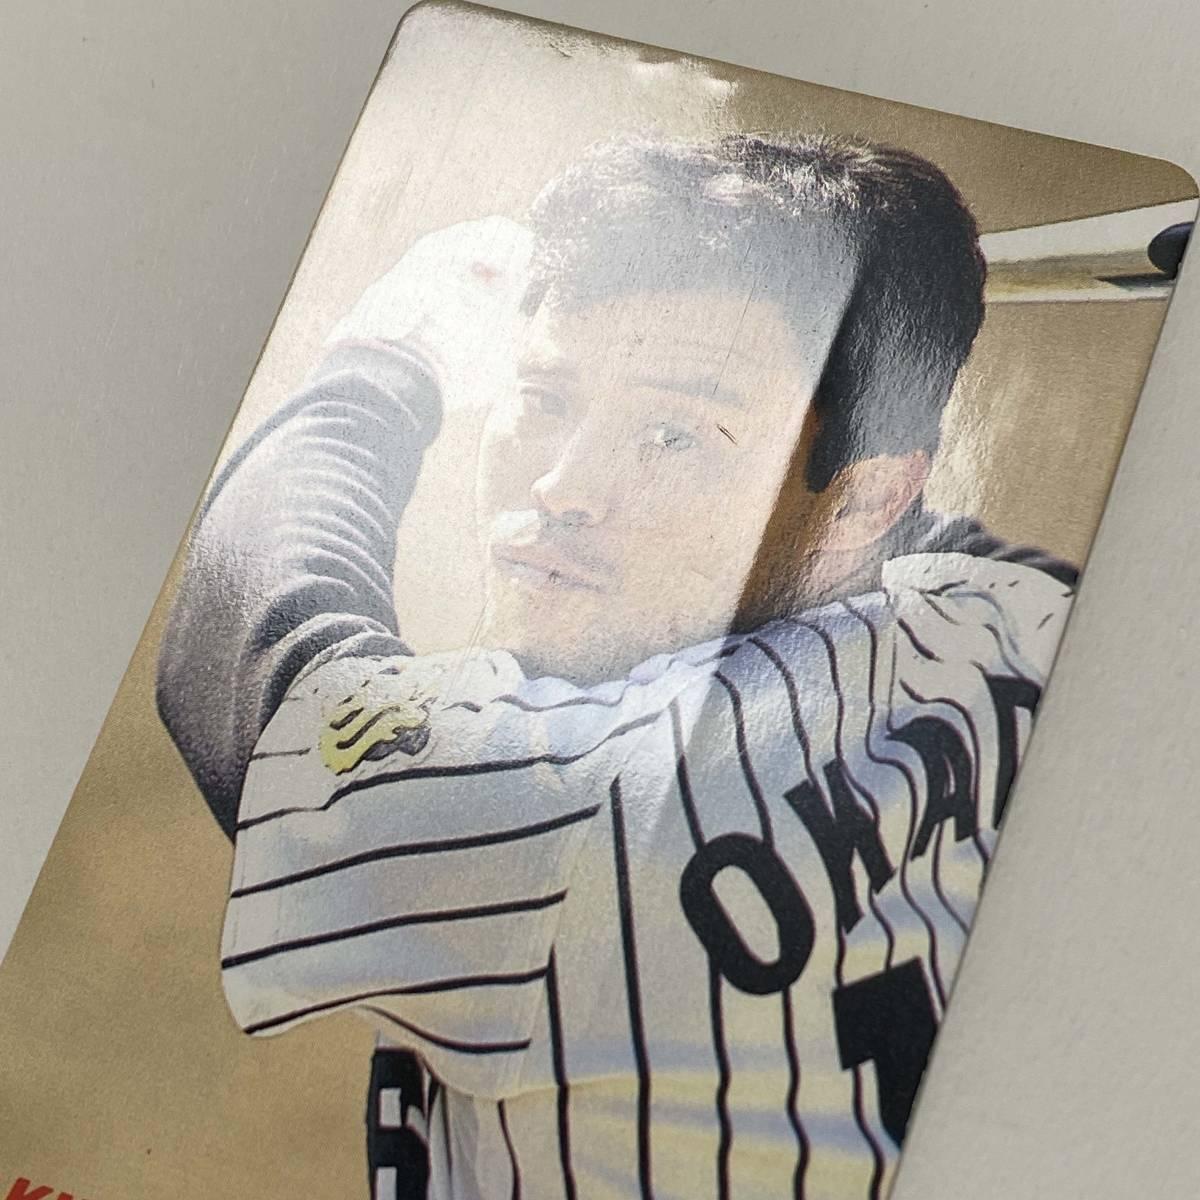 FP【当時もの】カルビー 野球 カード 1991年 No.12 岡田彰布 阪神タイガース プロ野球チップス_画像3